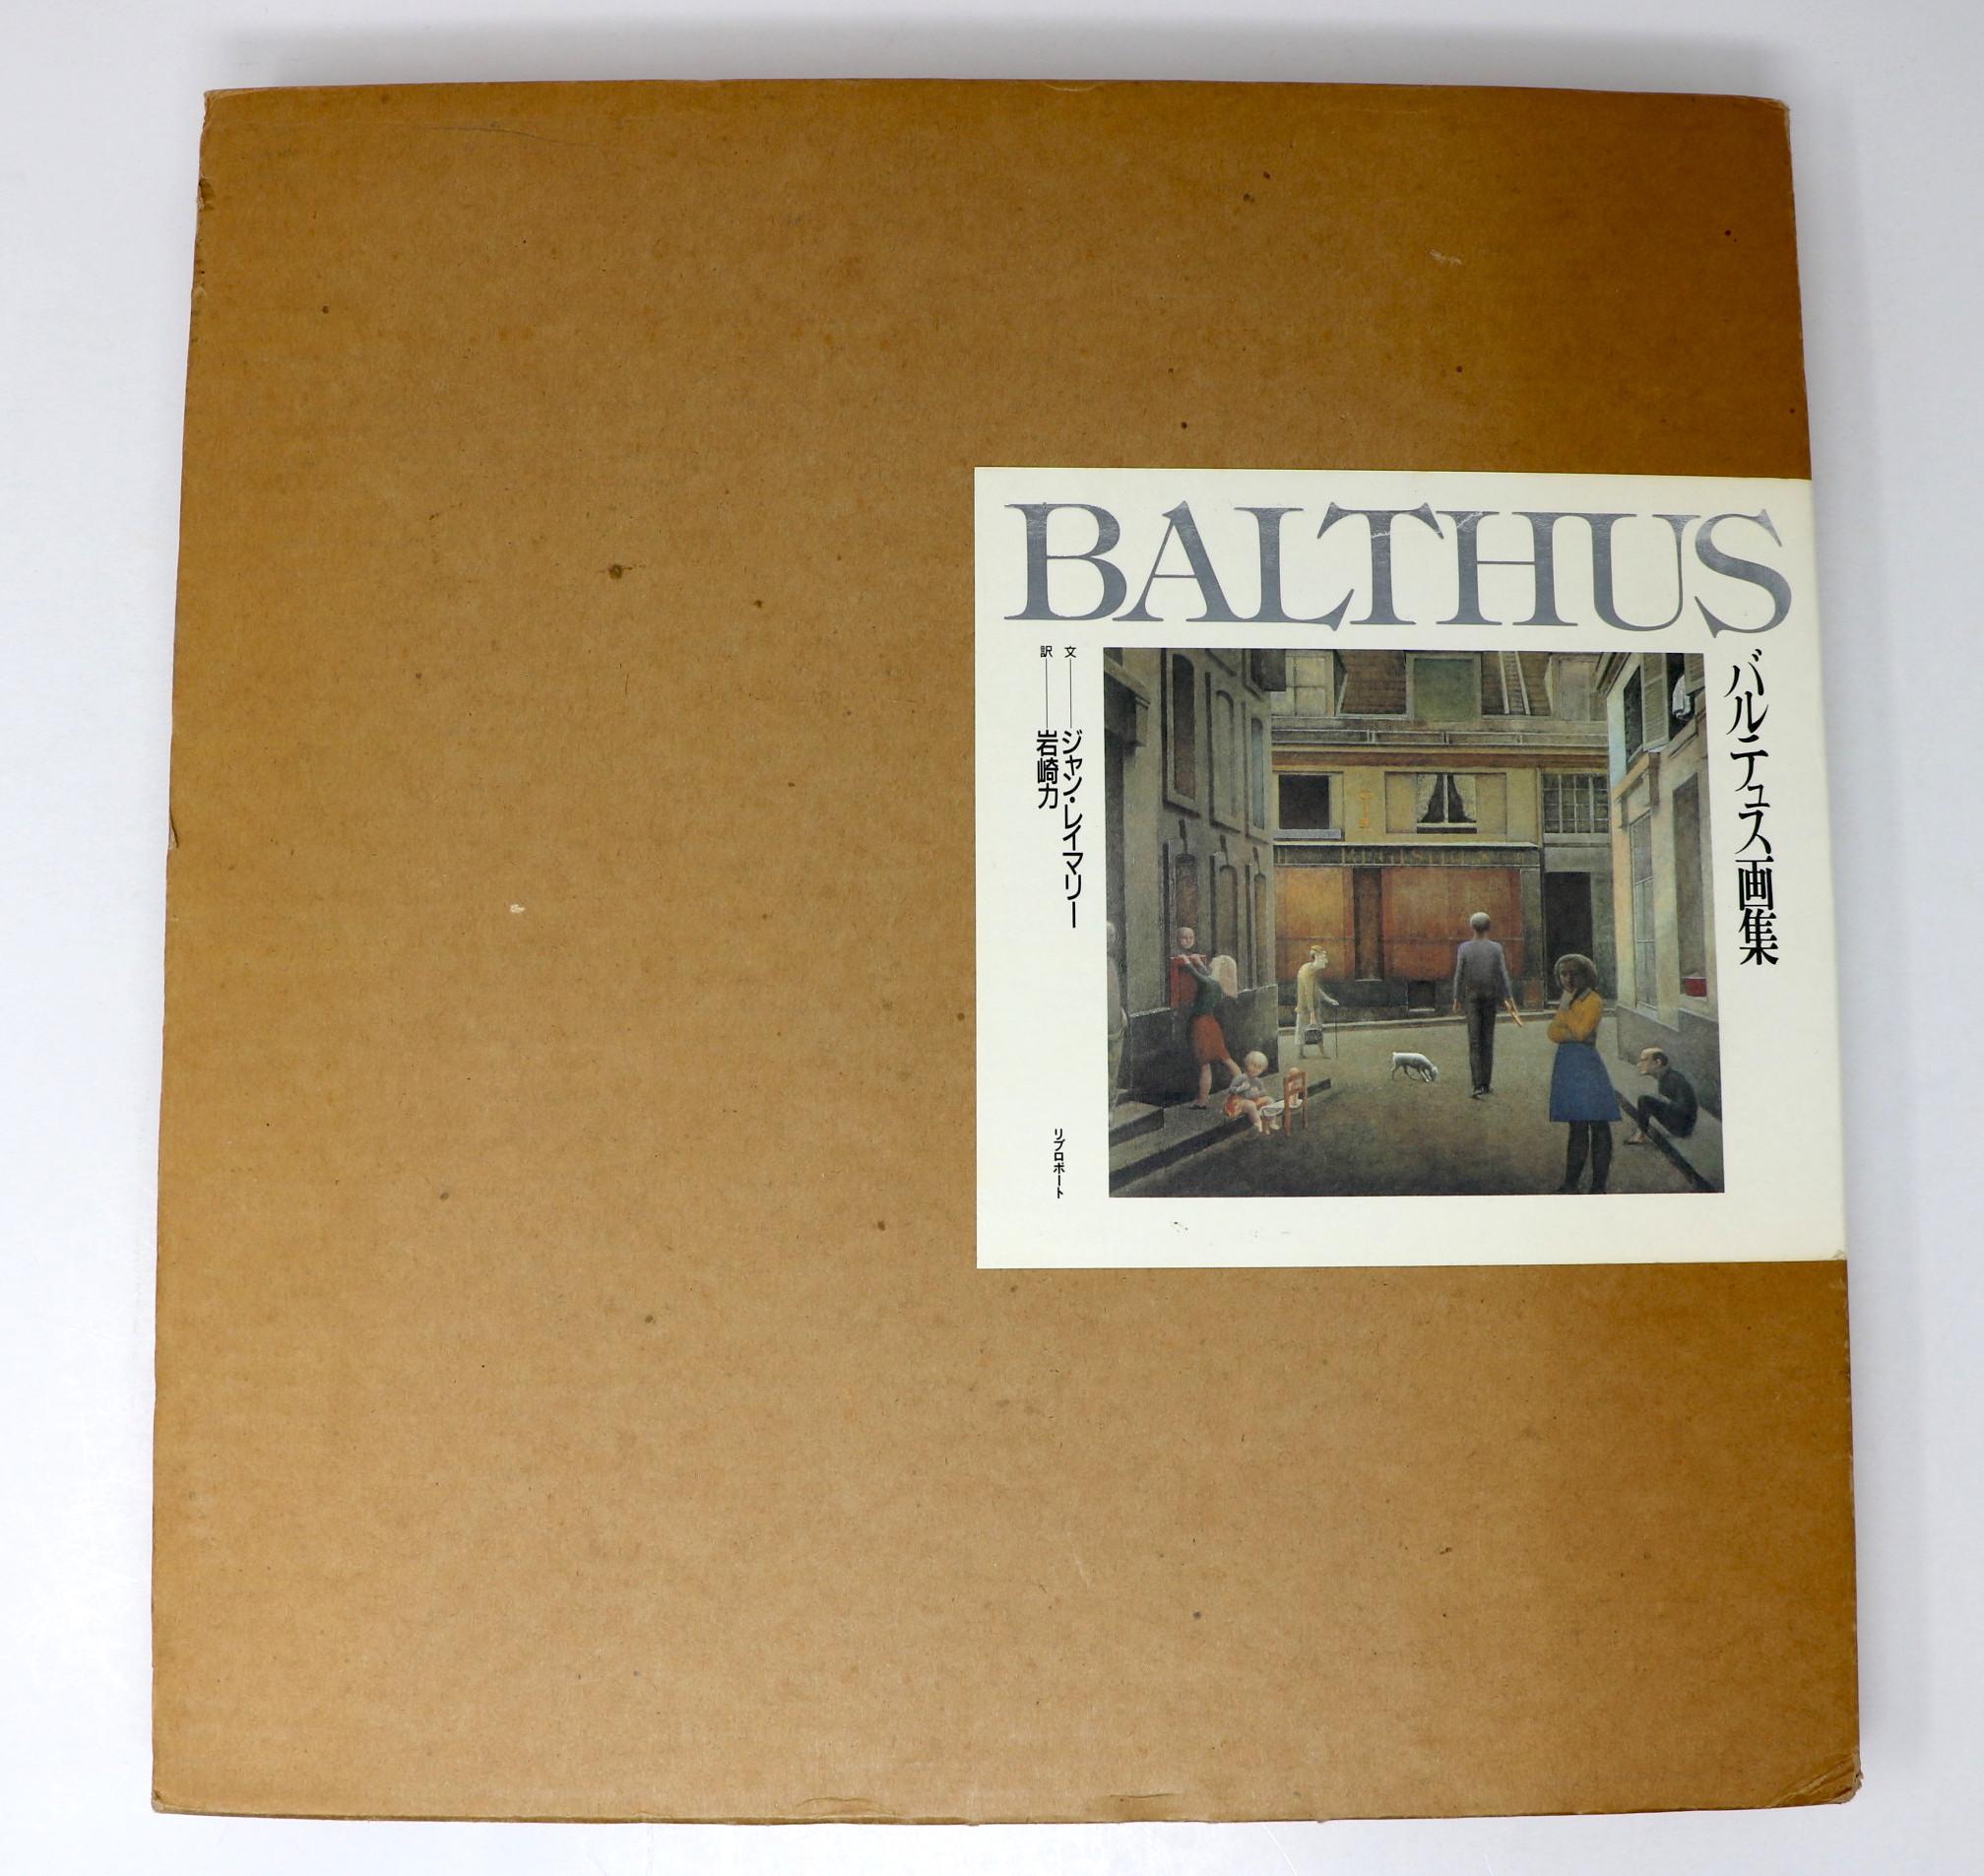 バルテュス画集 Balthus